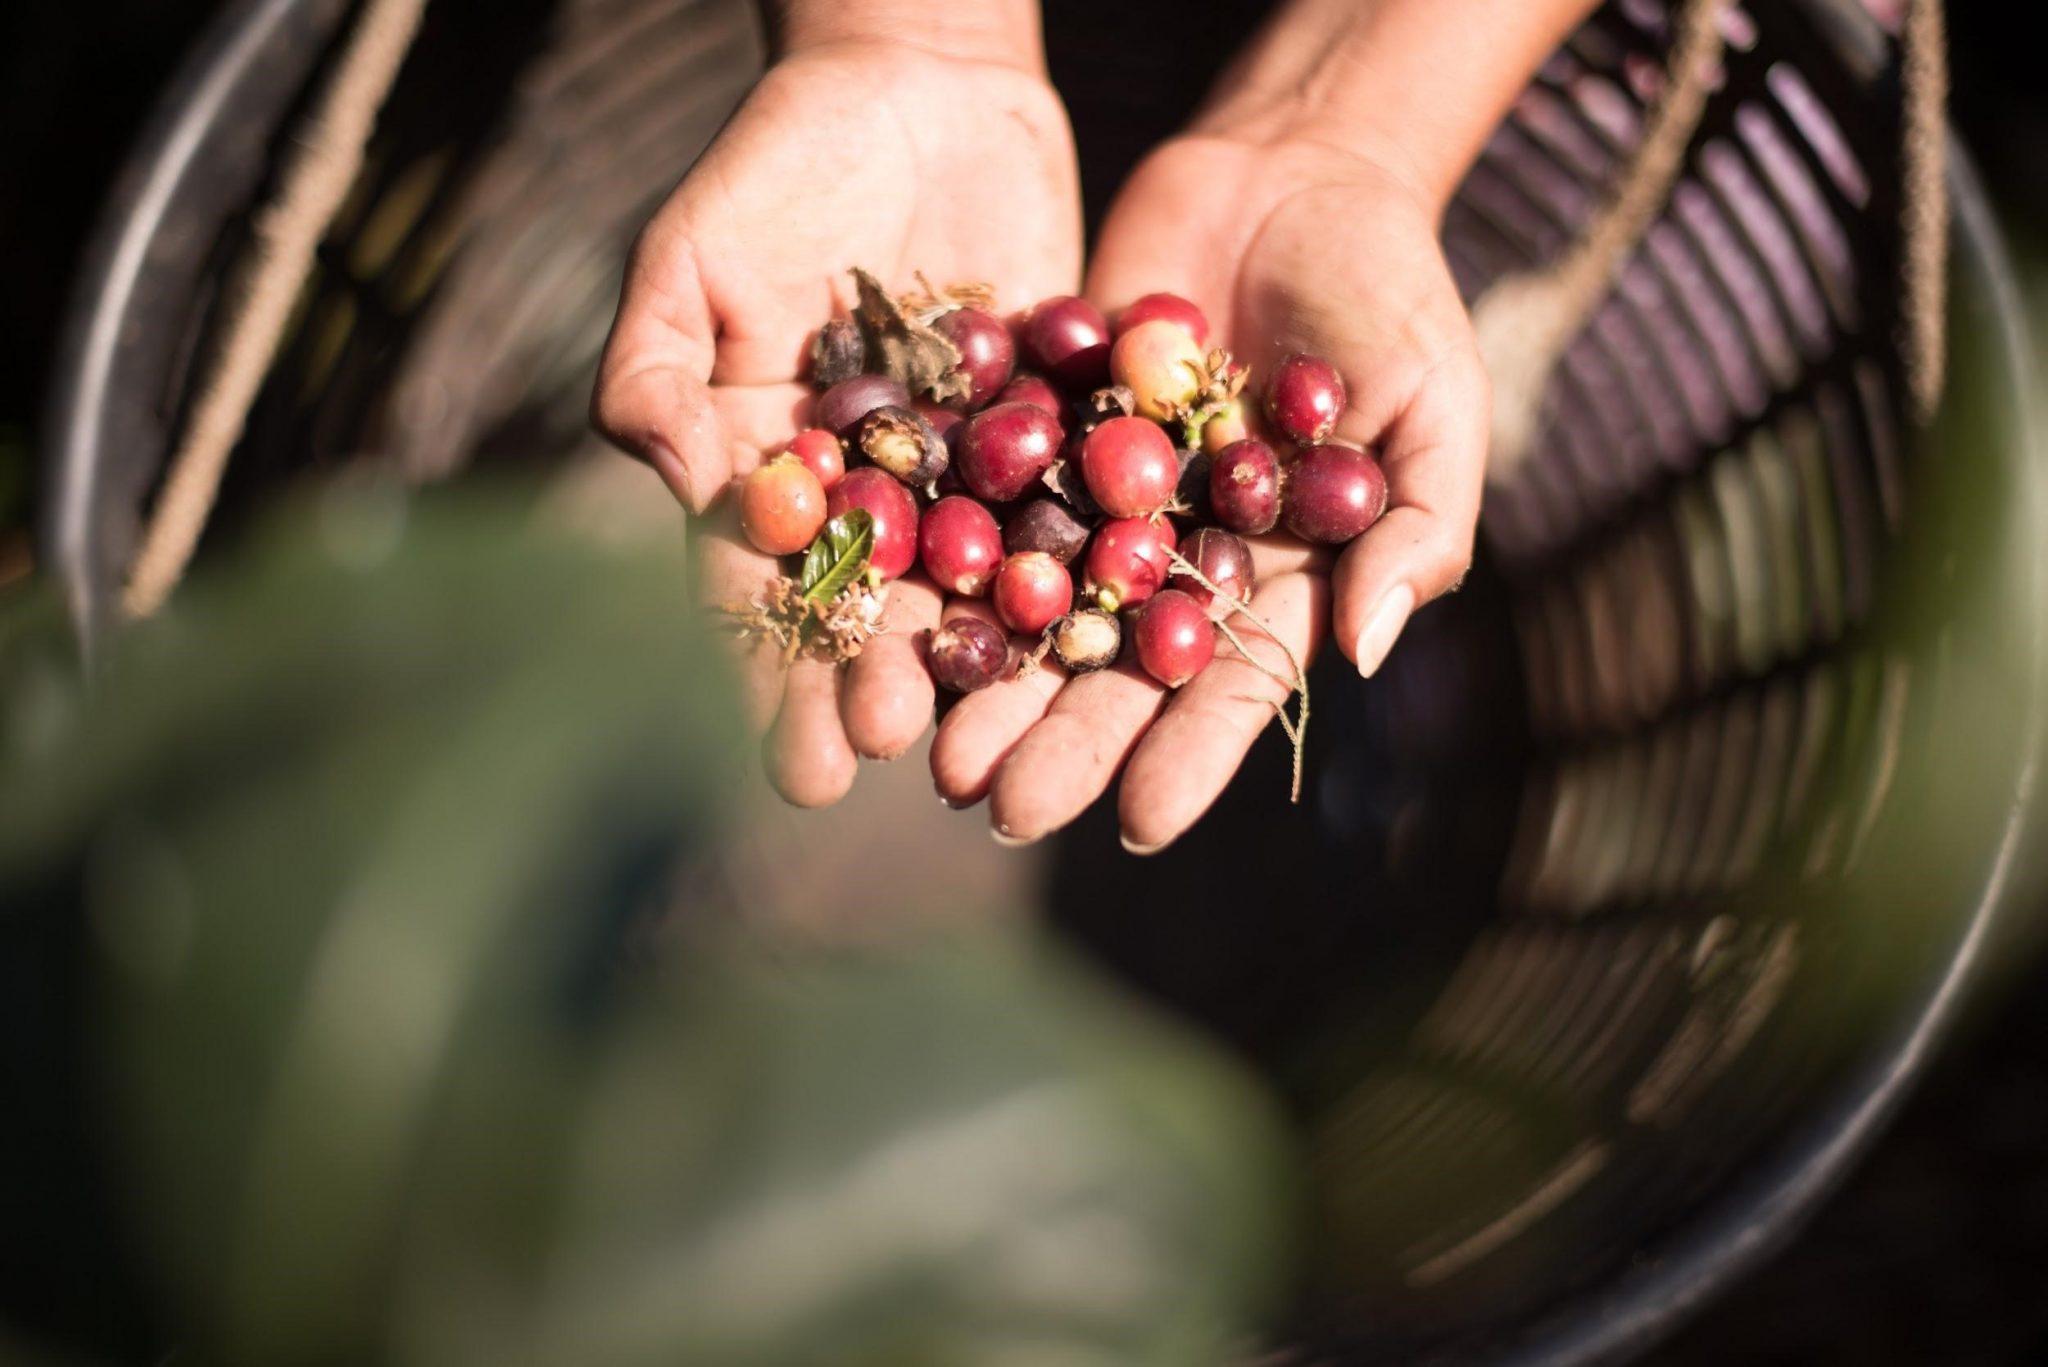 un puñado de cerezas de cafe